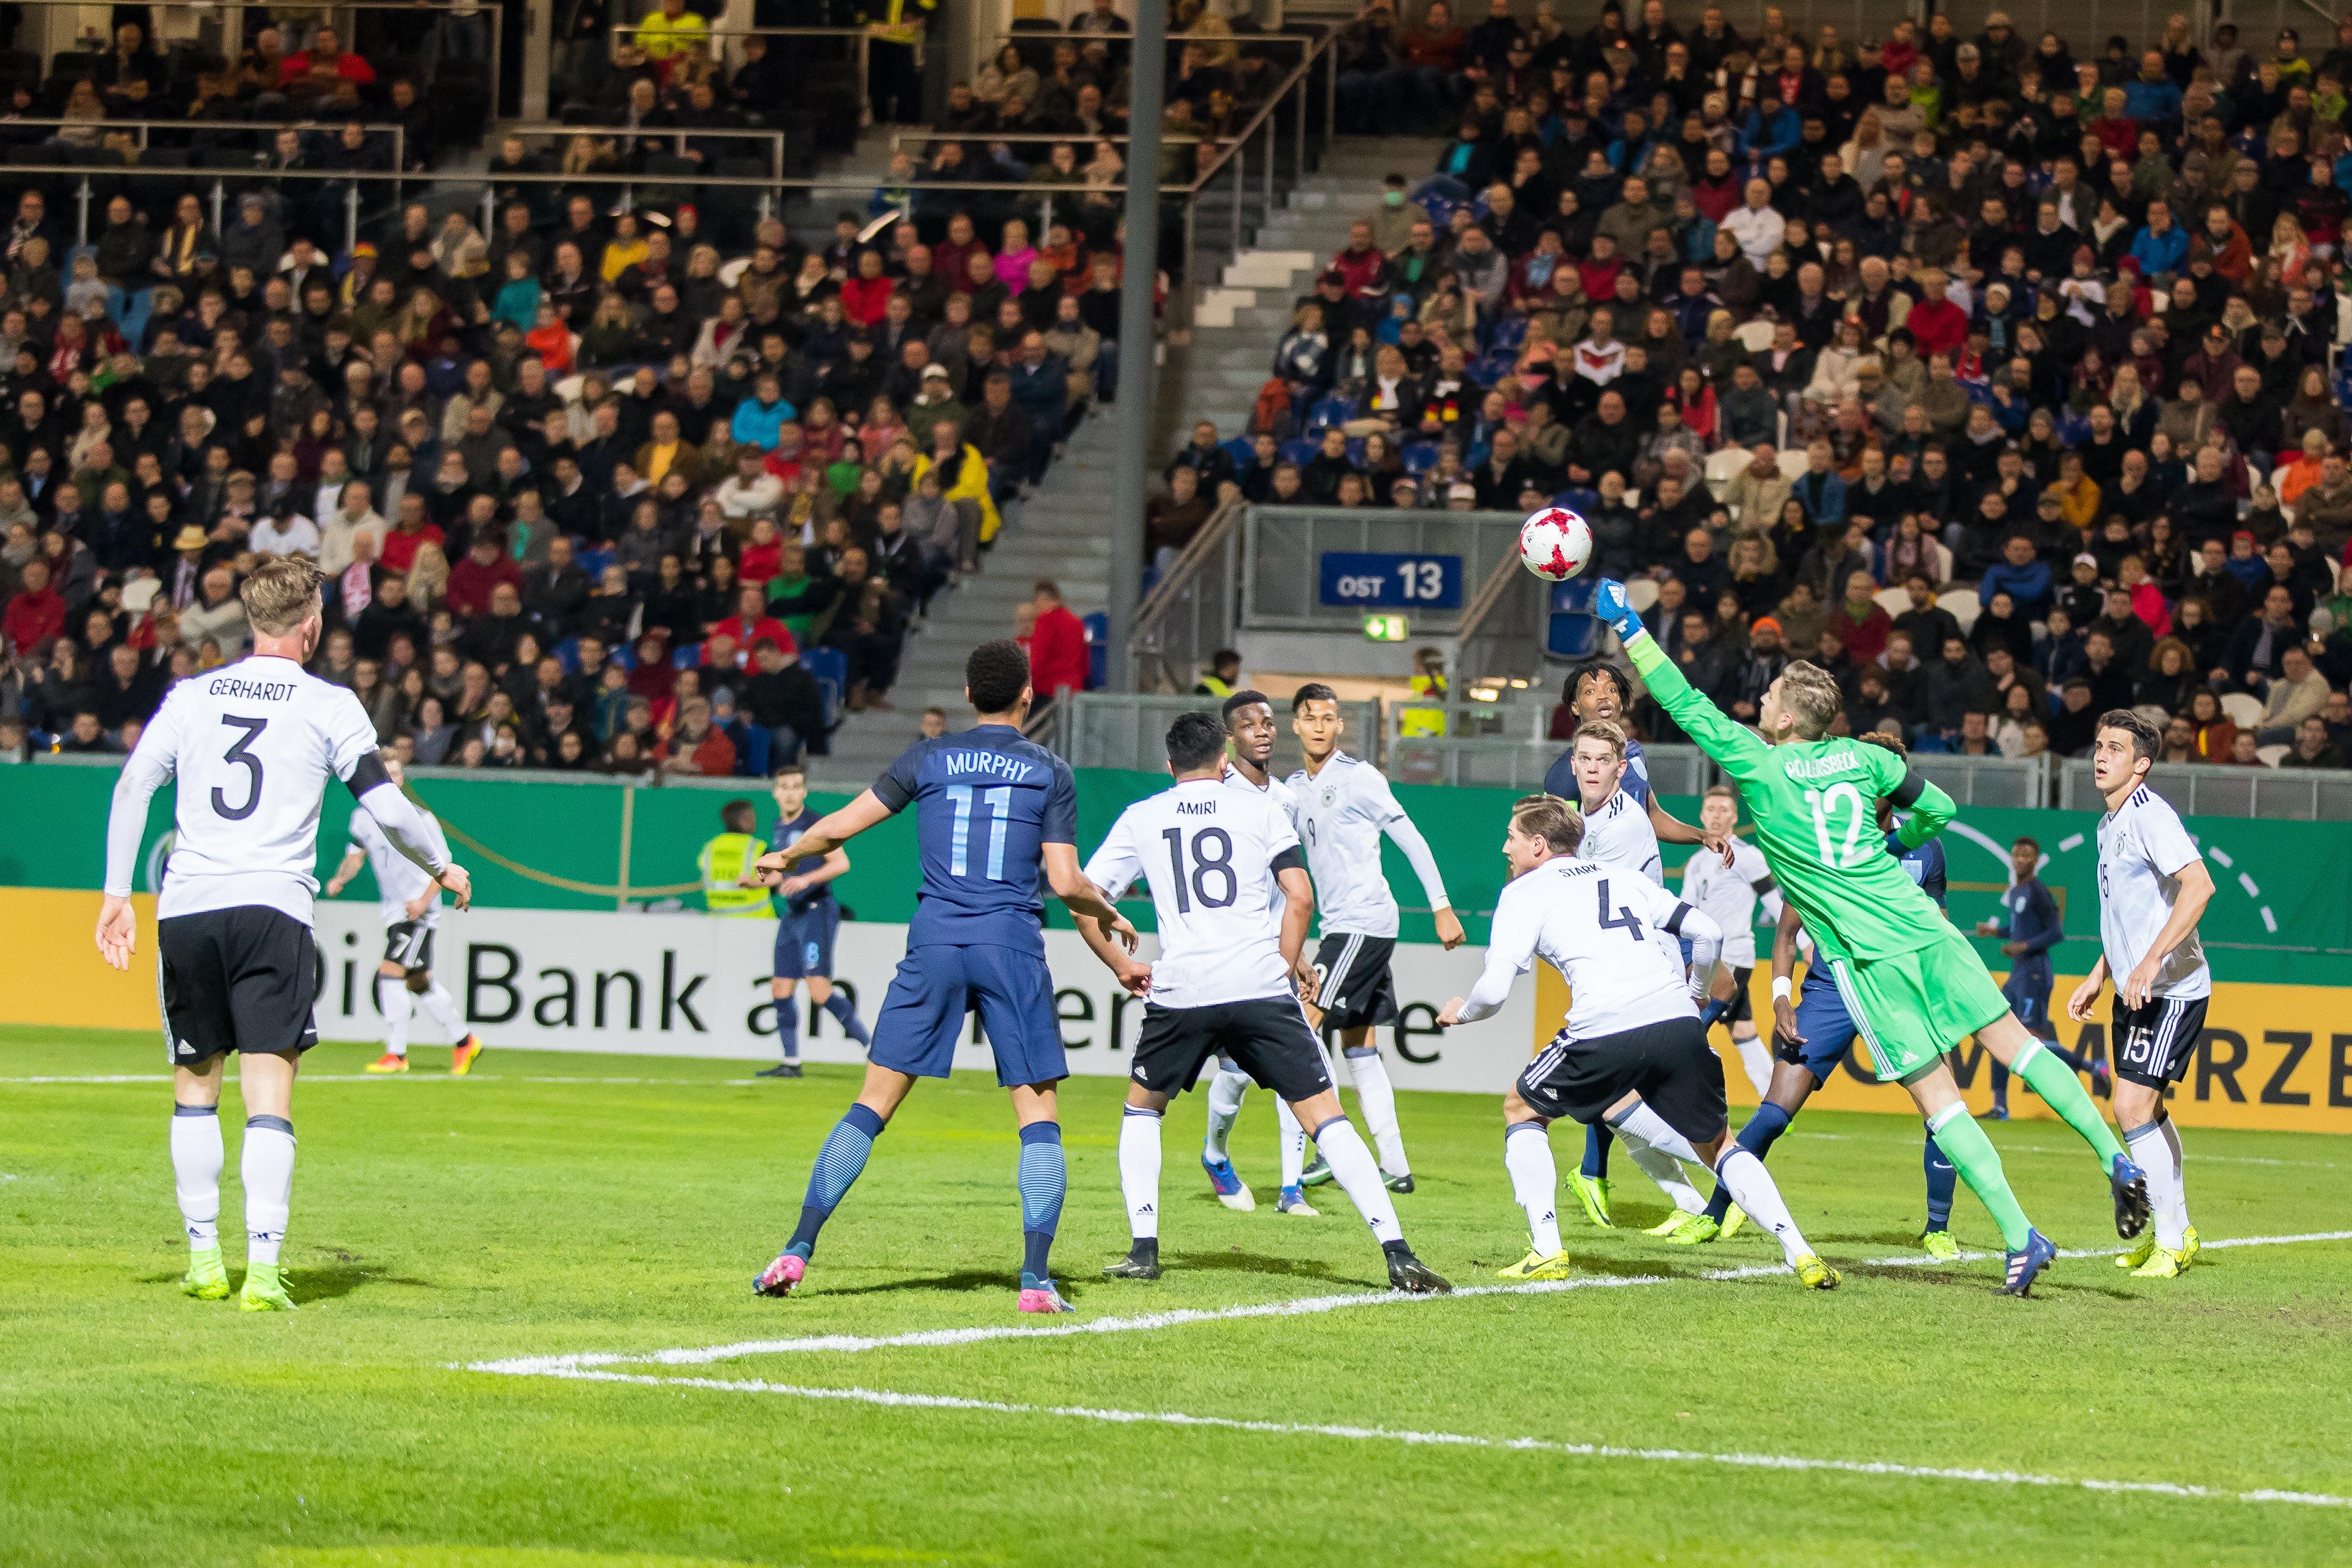 Fussball Deutschland England Heute